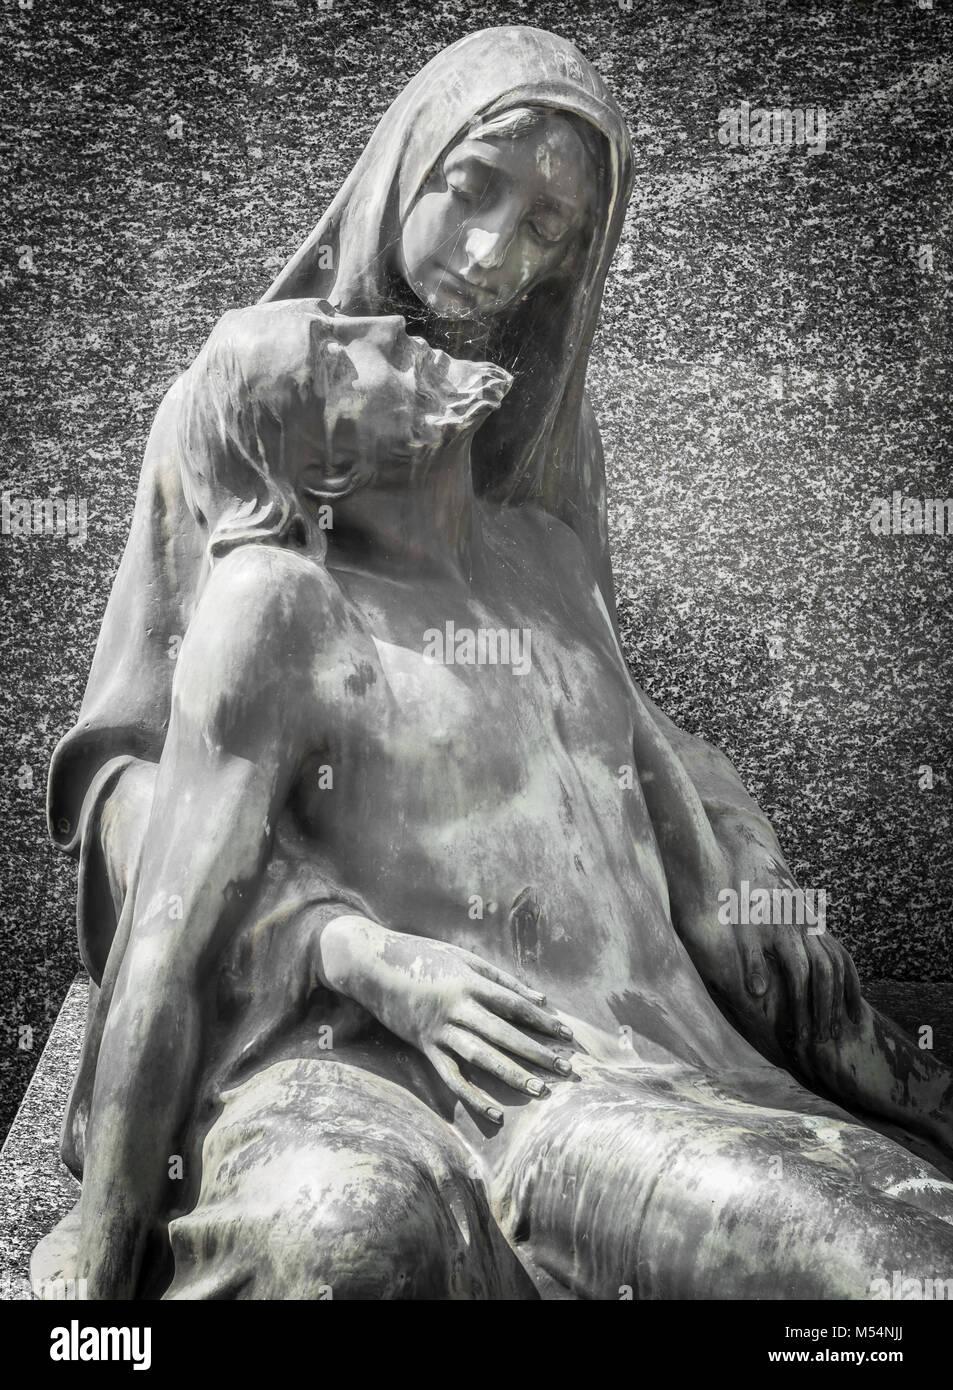 Statua di marmo raffigurante la Pietà di Cristo Immagini Stock